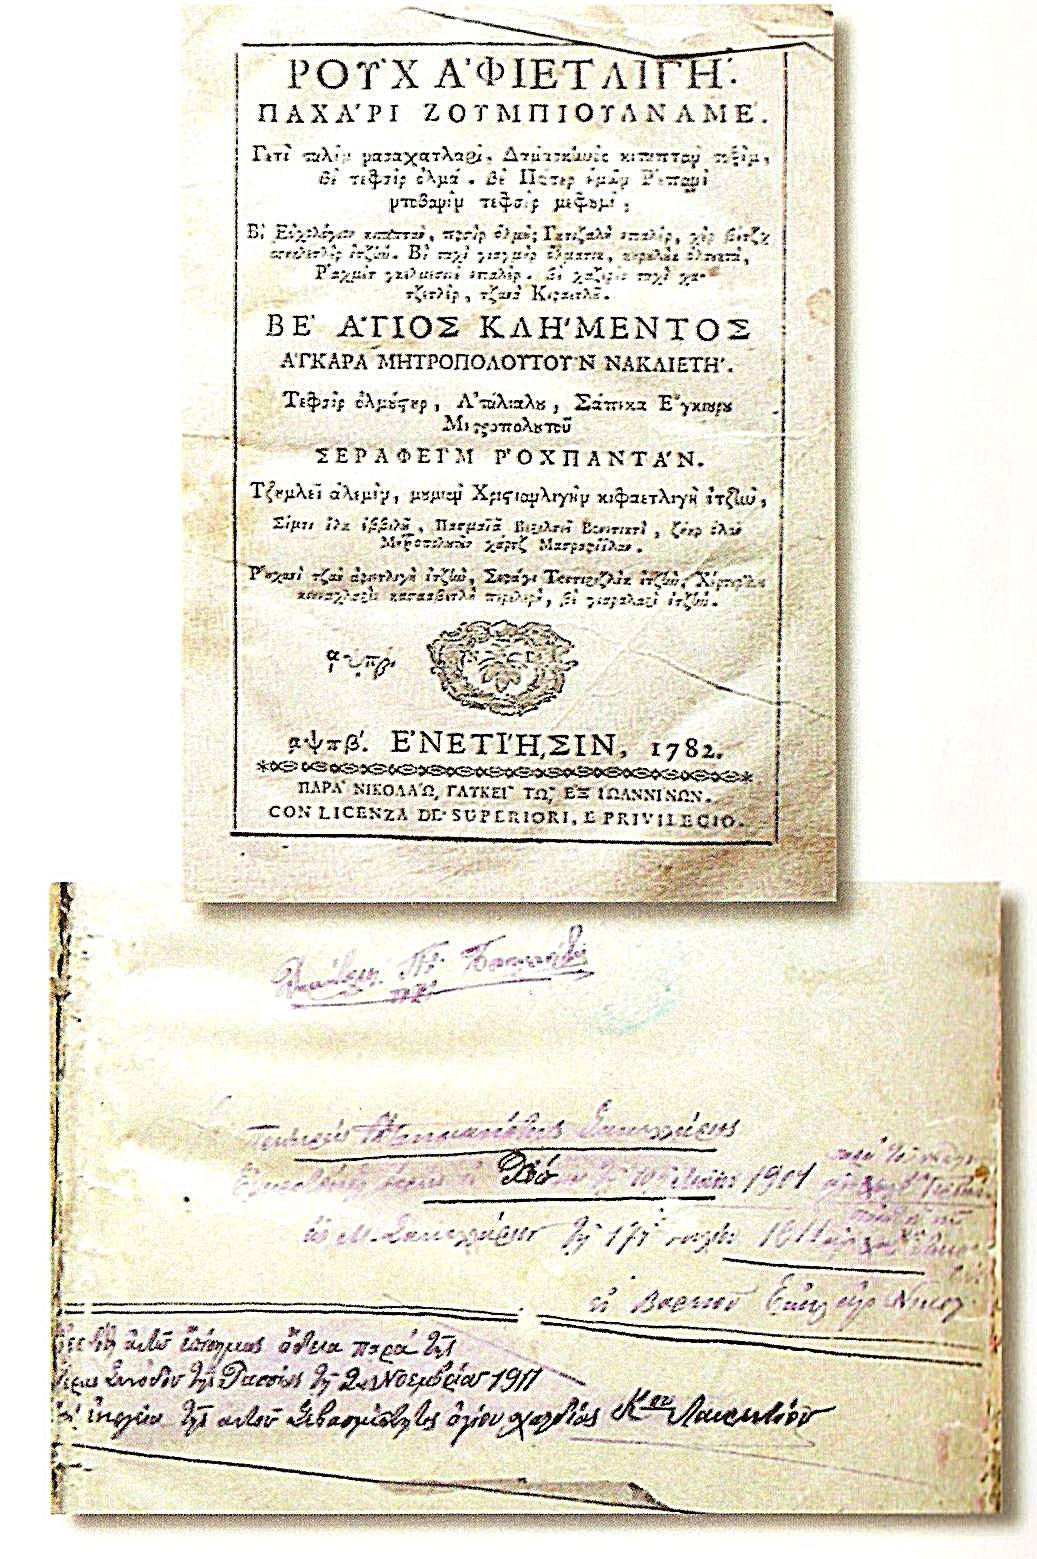 Λειτουργικά Βιβλία Καραμανλίδικη Γραφή Μονή Αγία Παρασκευή Σερρών